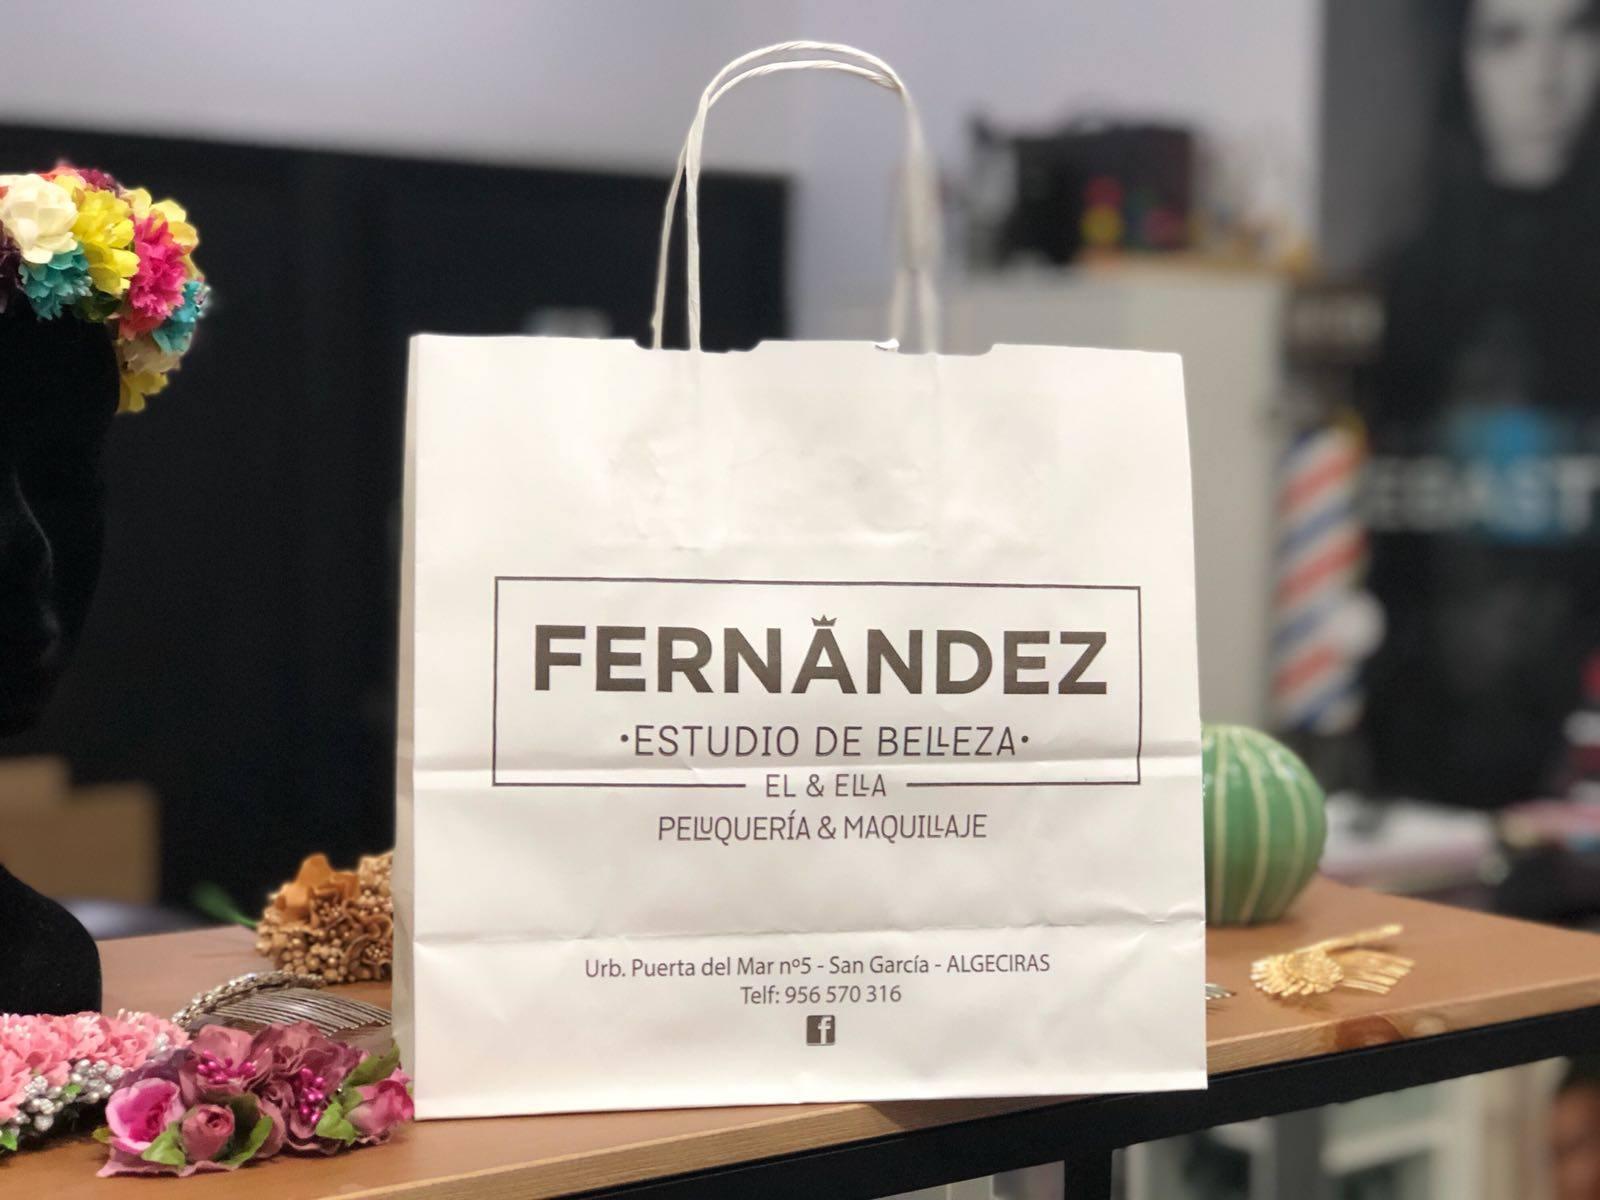 Estudio Belleza Fernandez